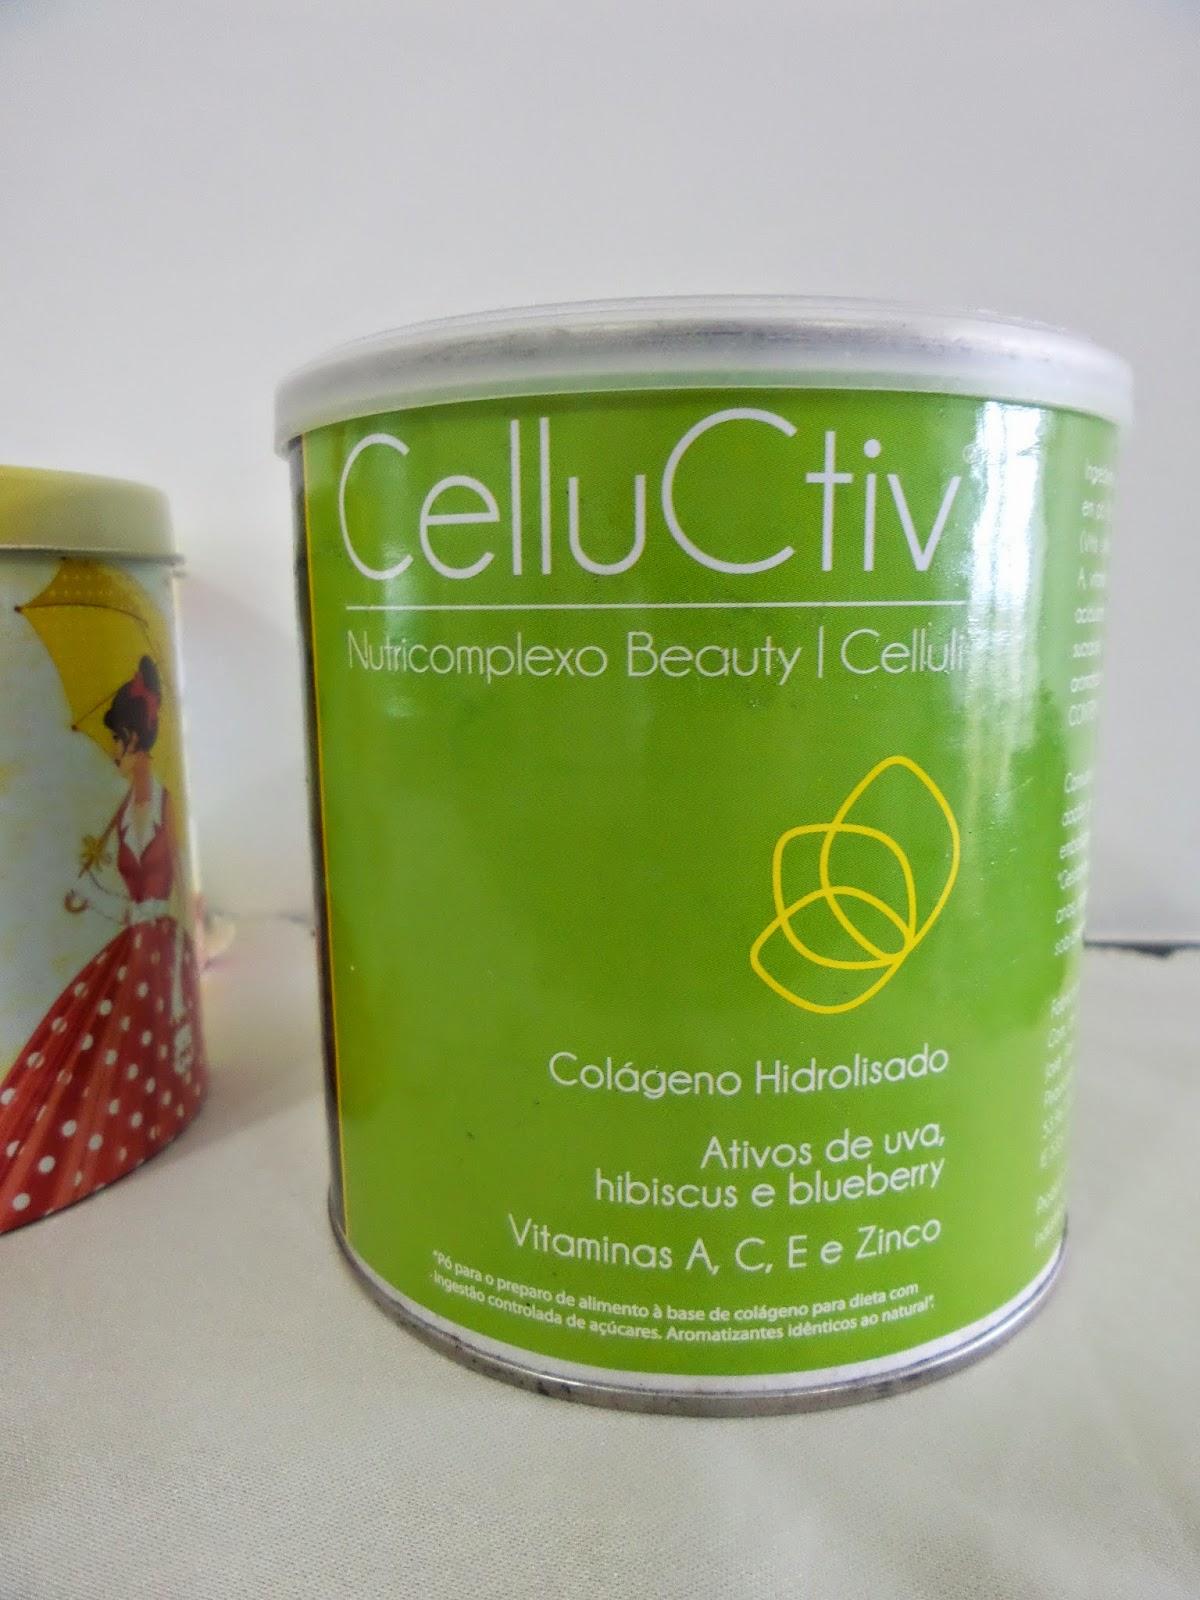 Cellucitv com colágeno hidrolisado, vitamina c, E betacaroteno, zinco, uva, mirtilo e hibisco.